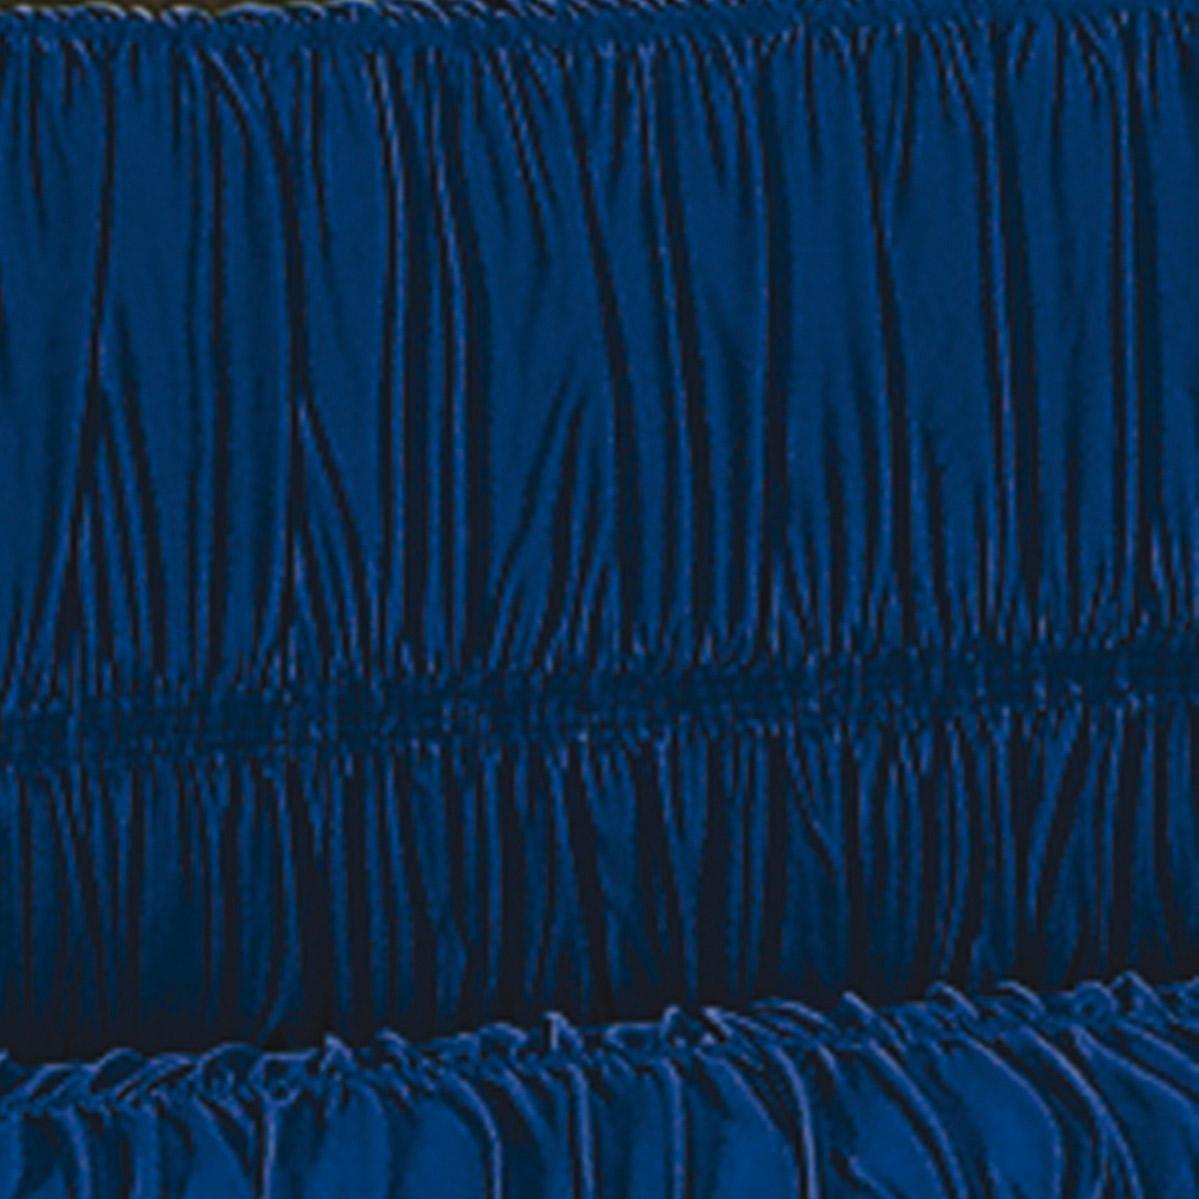 Capa de Sofa de 2 e 3 Lugares Azul Marinho em Malha Gel 100% Poliester com capa de 20 elatiscos em 02 pecas - Capa para Sofa Adornare